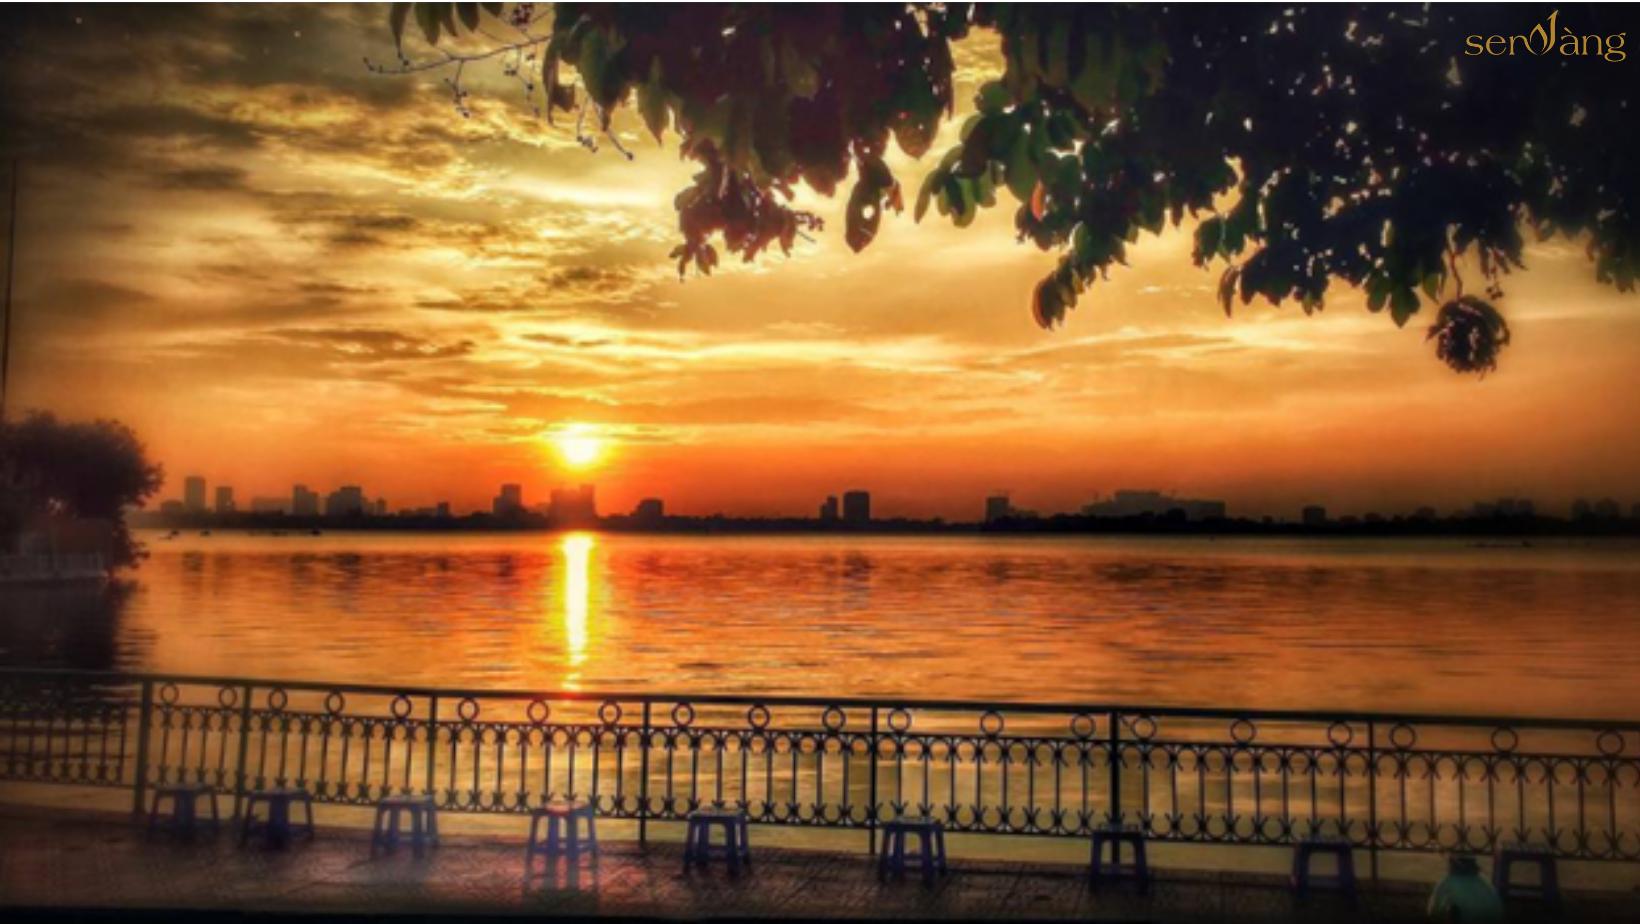 Hồ Tây lãng mạn chiều hoàng hôn